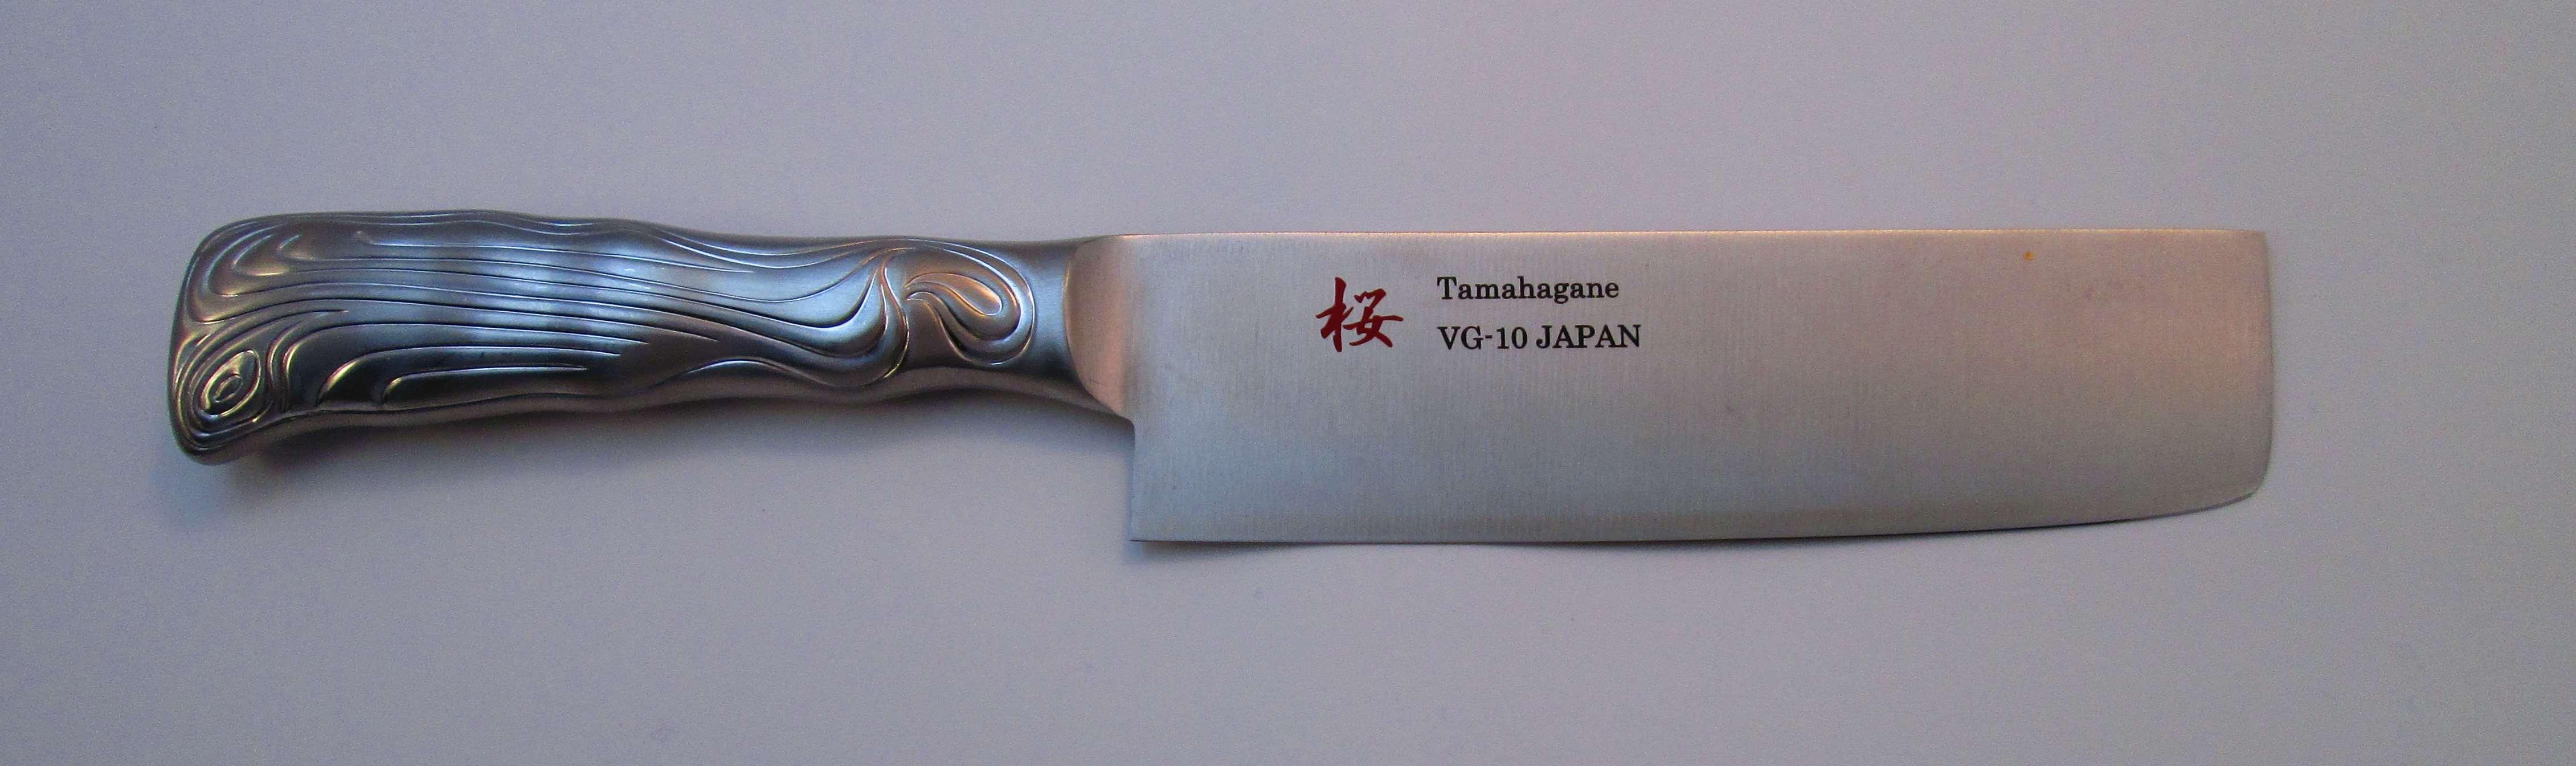 SAKURA VG-10 SShandle Nakiri160mm